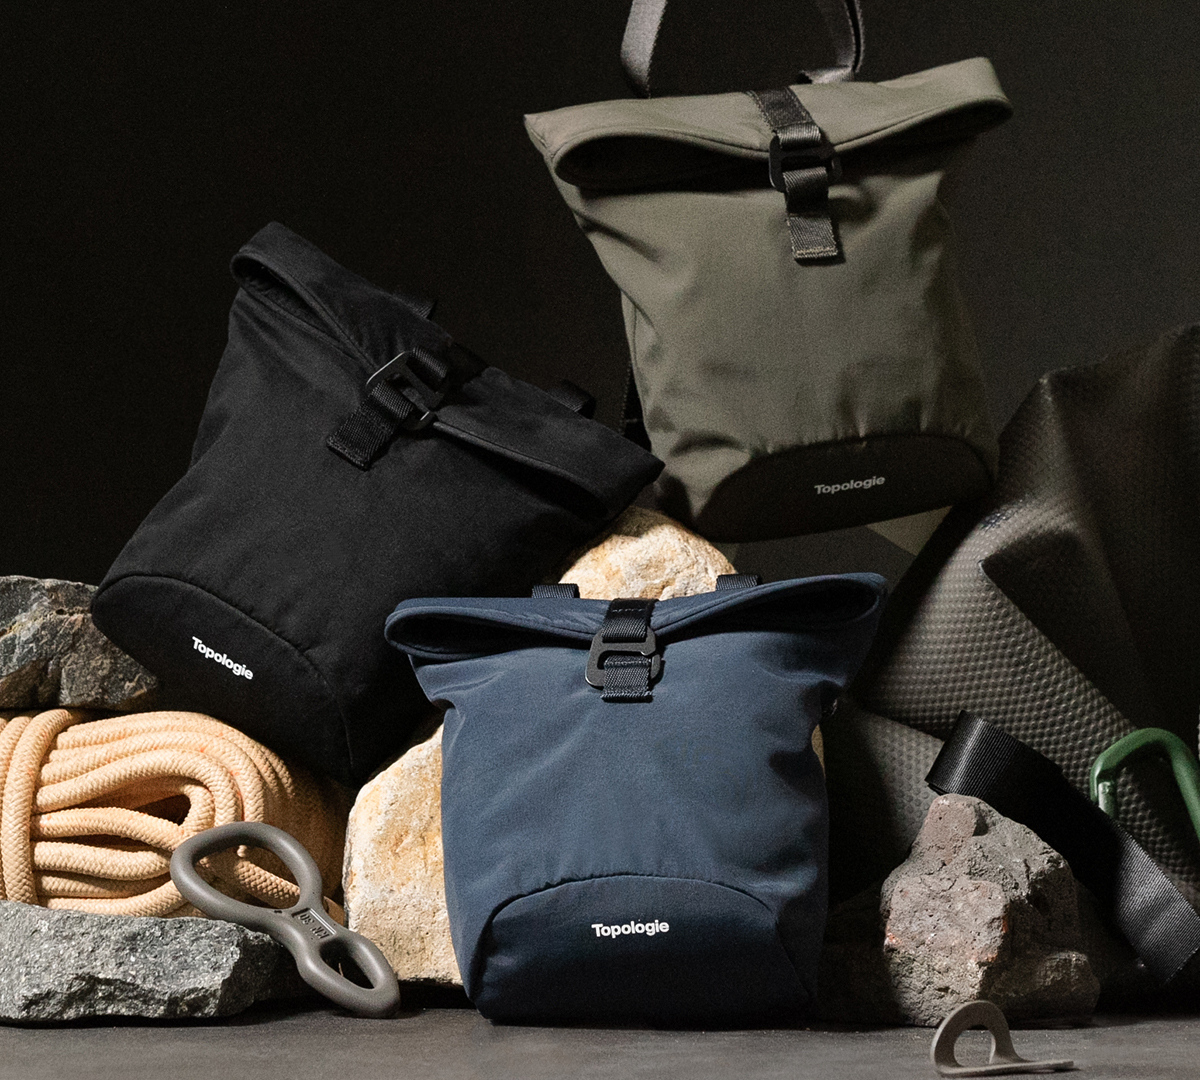 クライミング用の「チョークバッグ」から着想を得てつくられた、軽やかに動ける4WAYウエストバッグ | Topologie